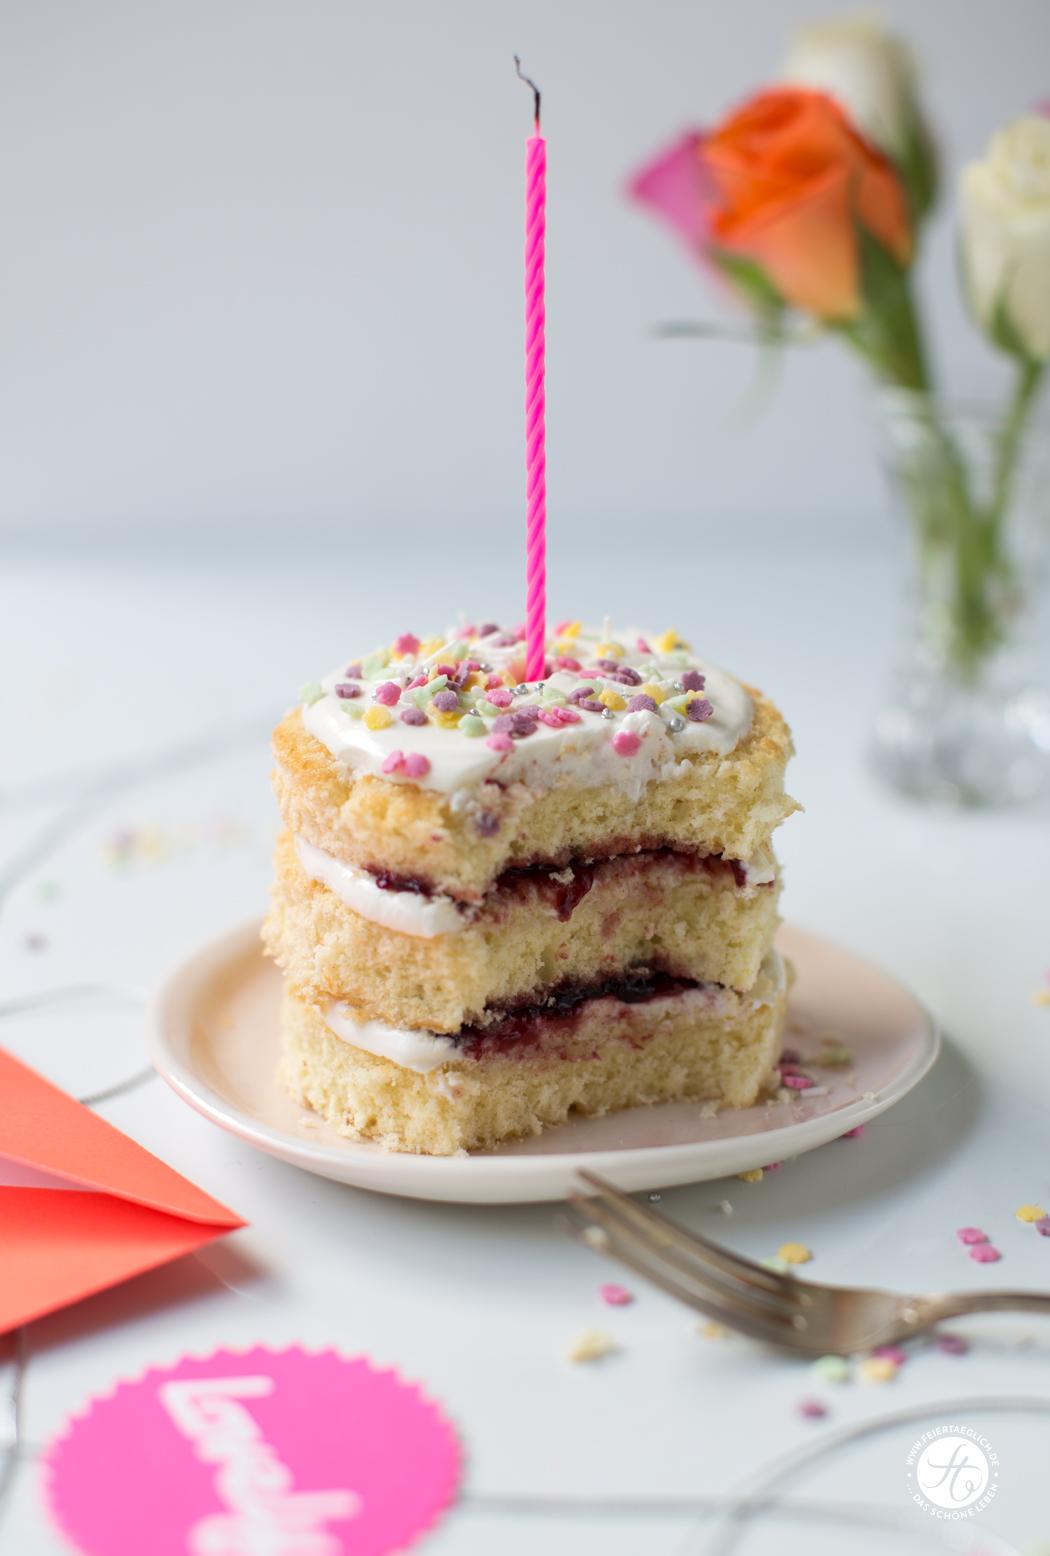 Geburtstagstörtchen auf Vorrat: Rezept für schnelles Törtchen zum Geburtstag mit Biskuit, Joghurtcreme, Konfitüre und kunterbunten Sprinkles.